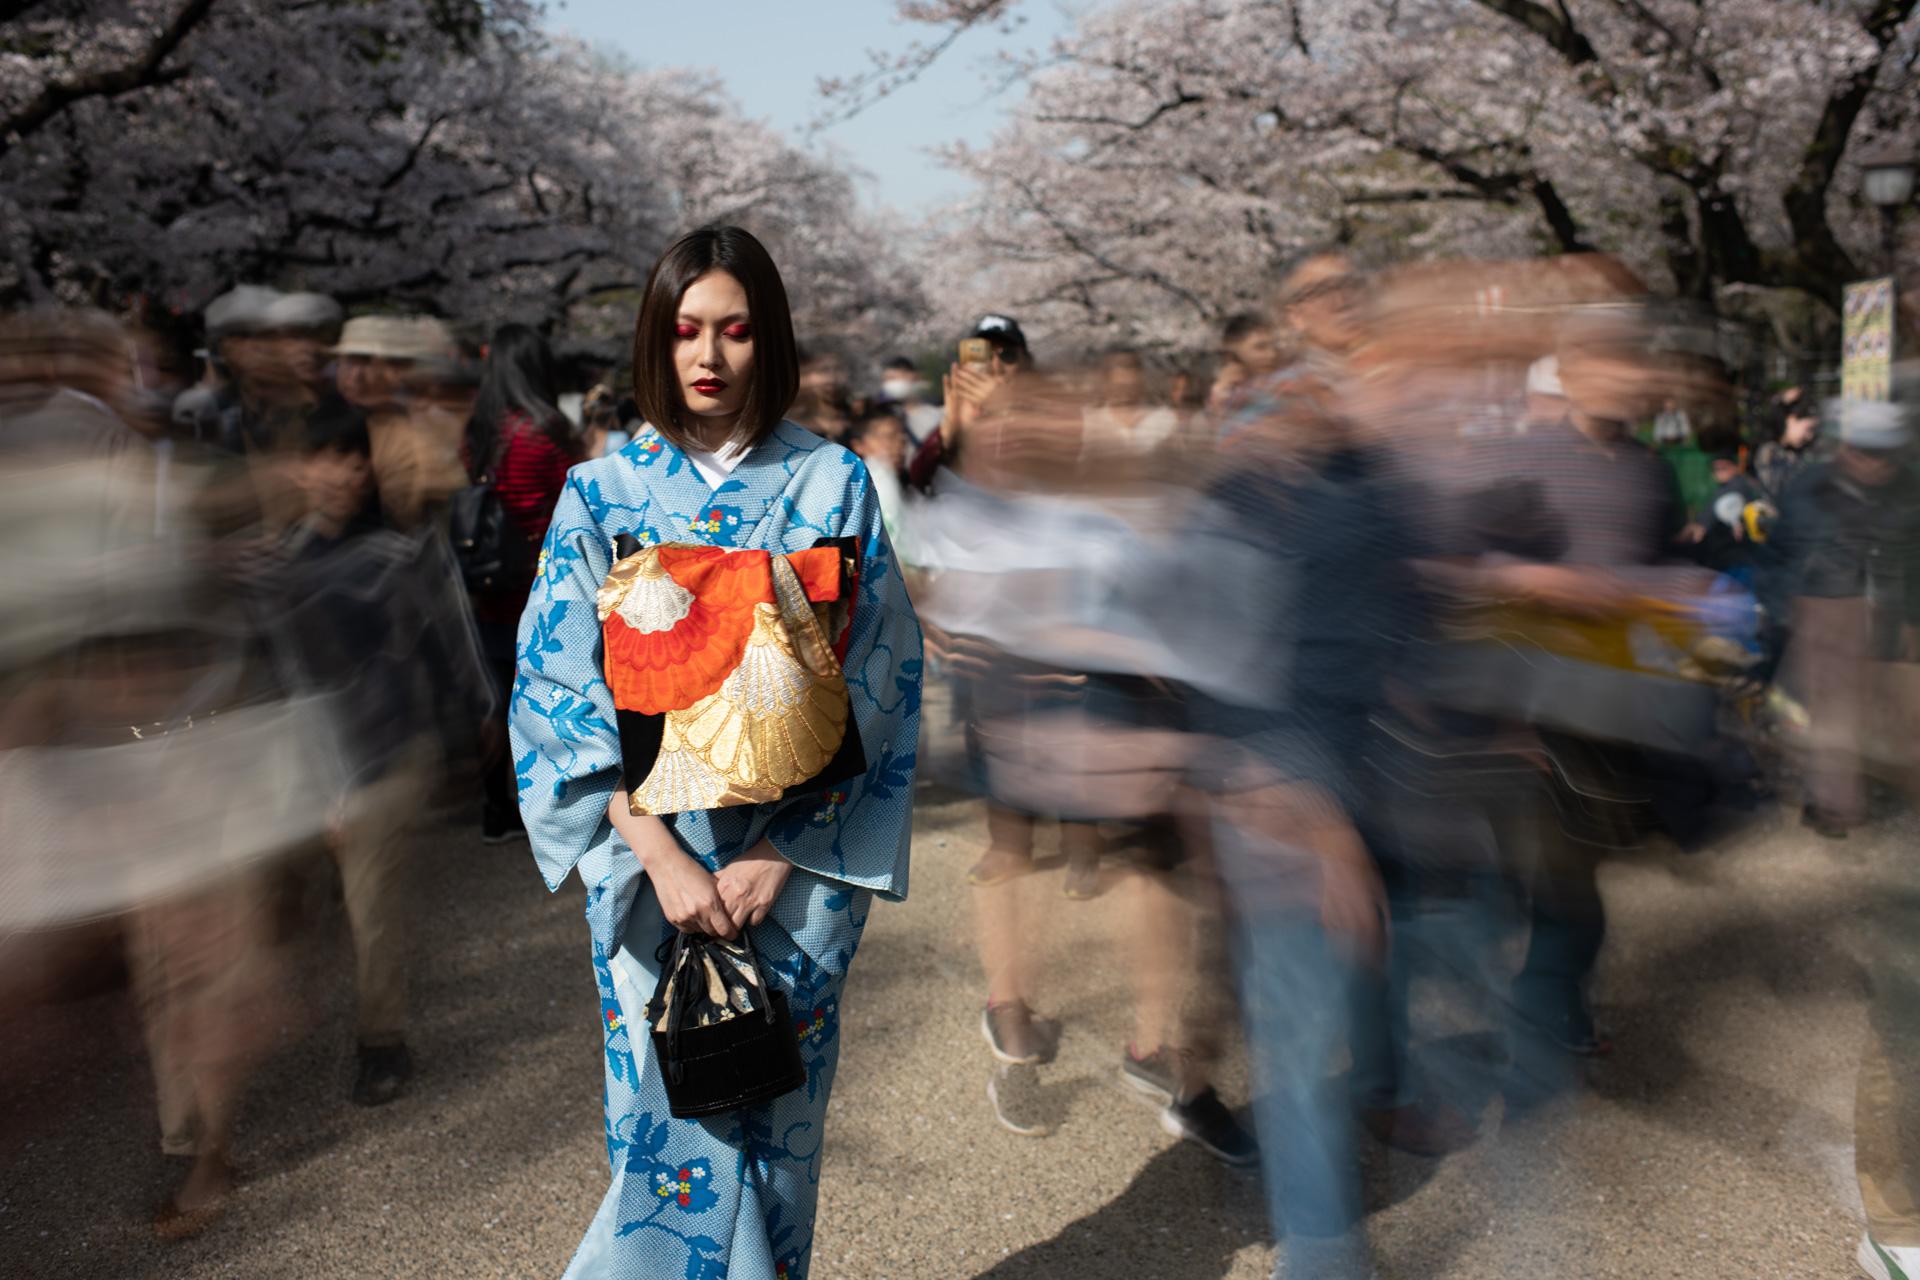 Still Motion_Sakura Nora 2018-2018.jpg